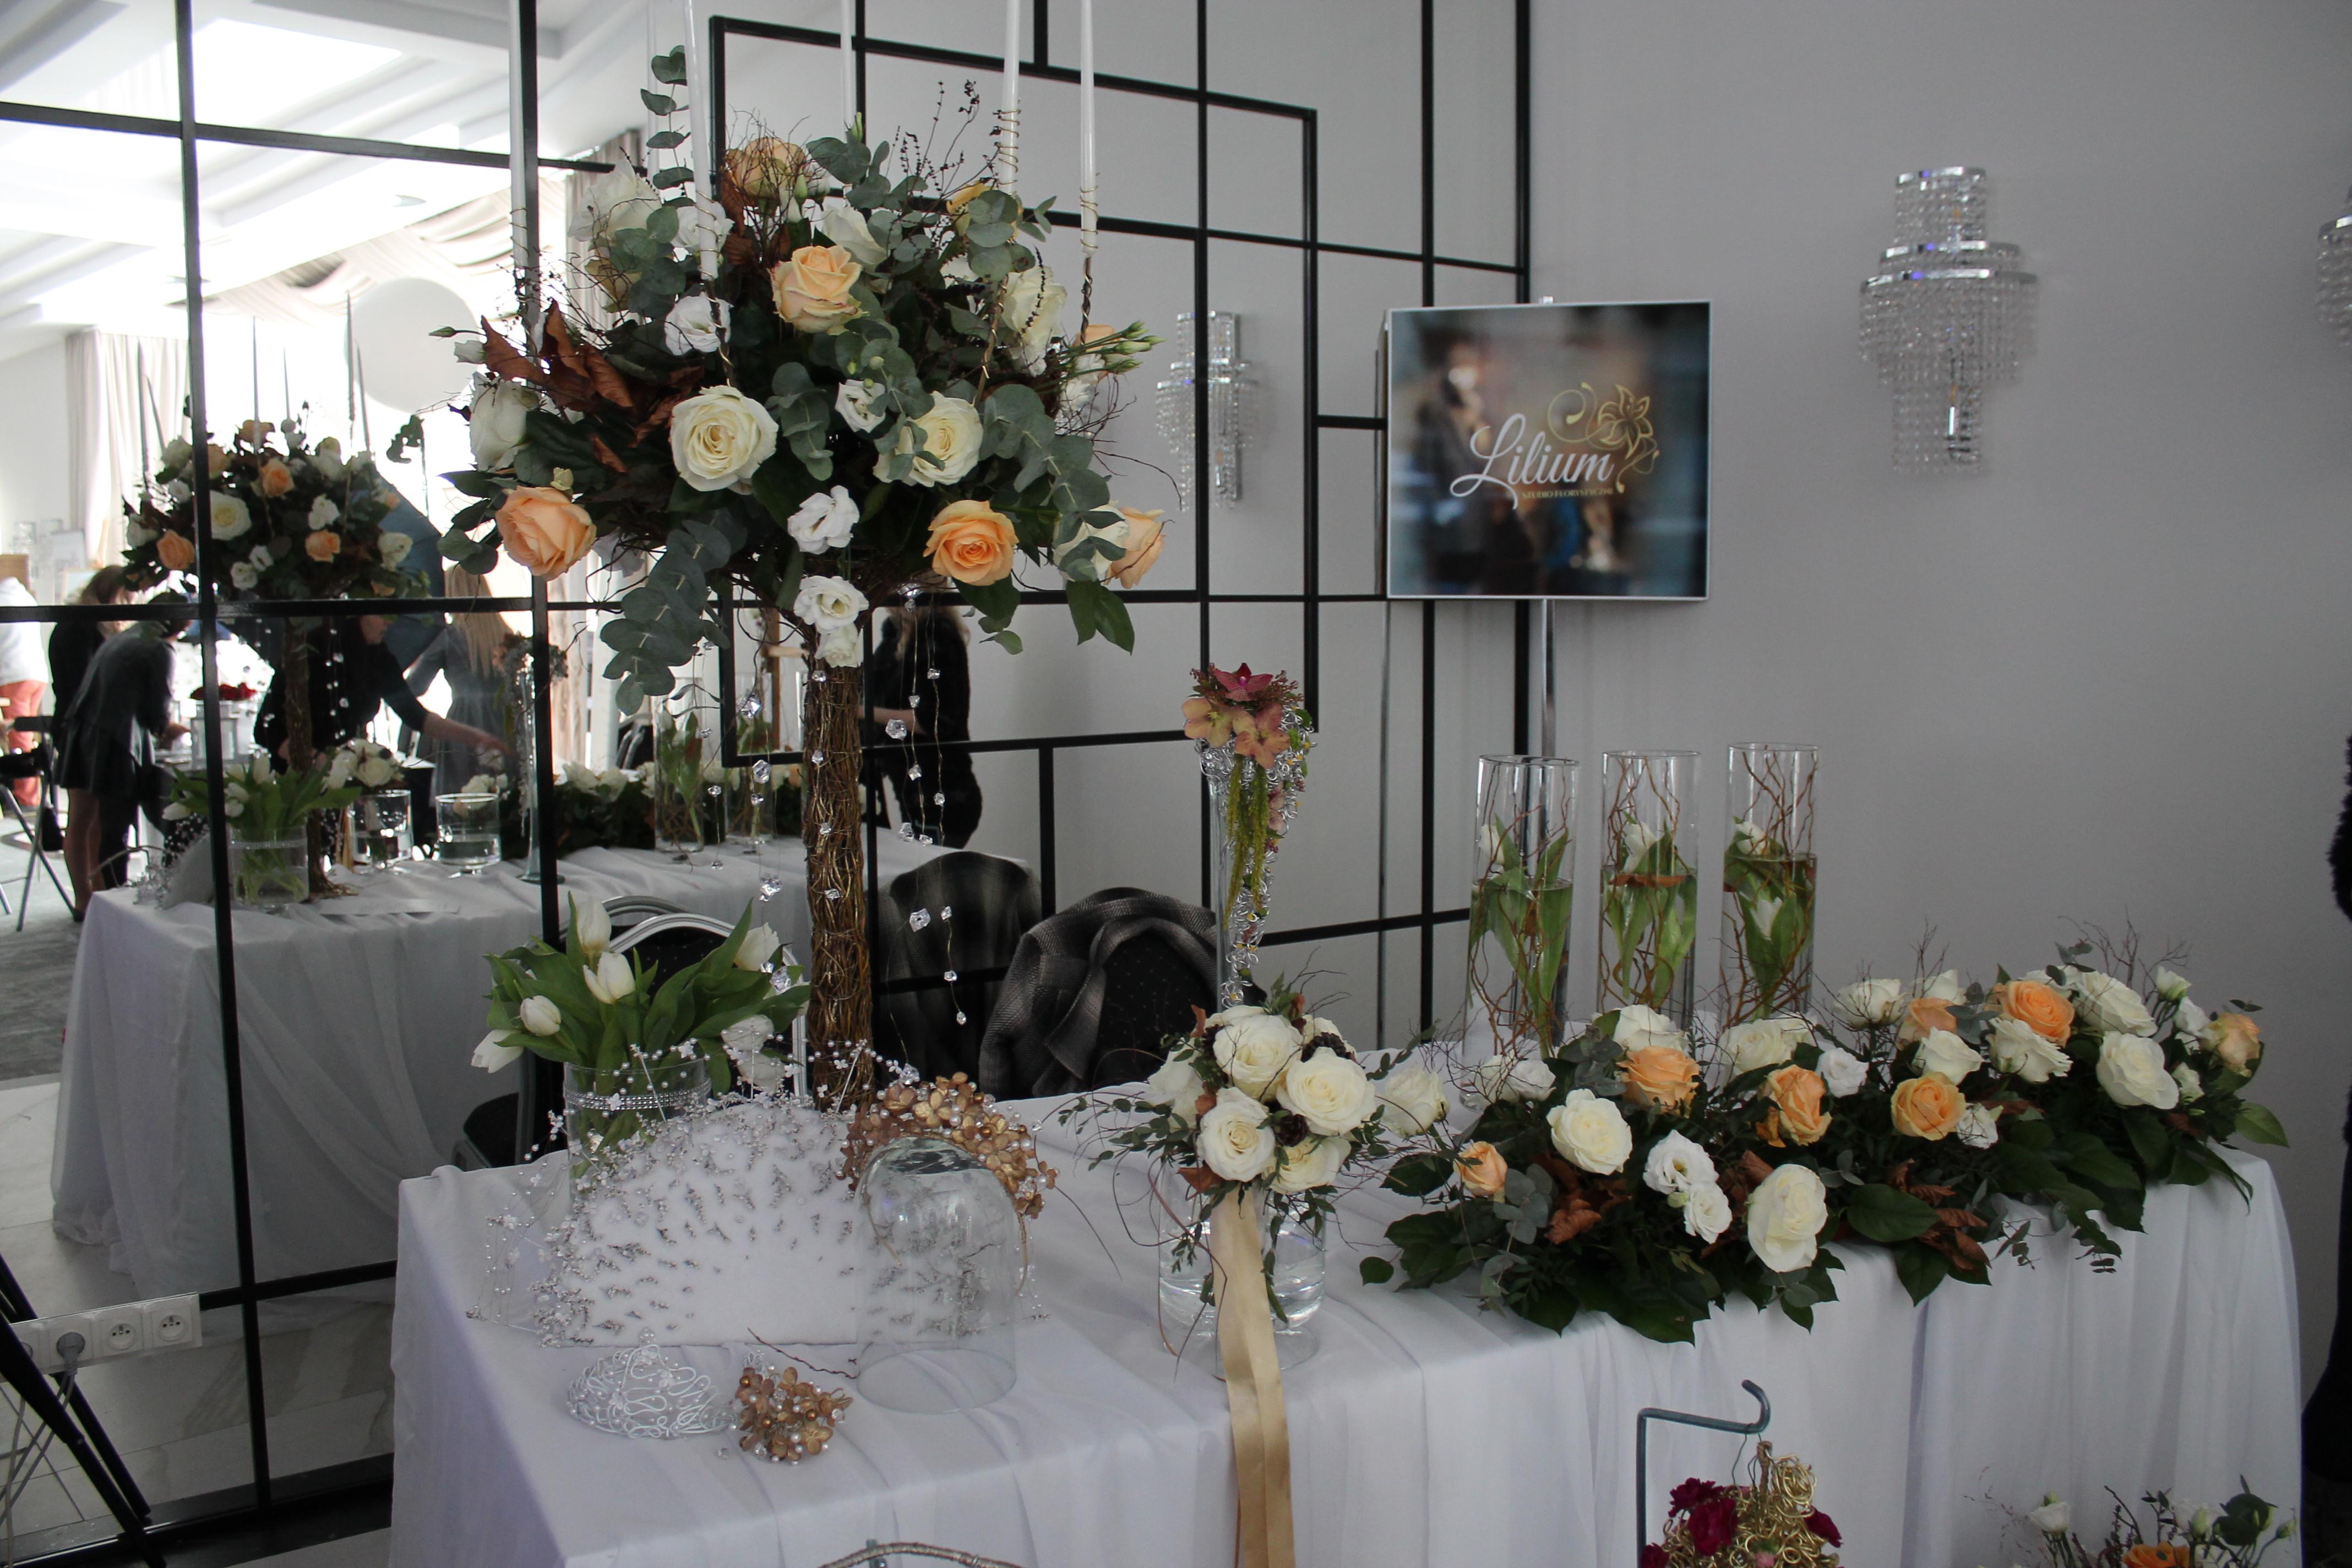 Studio Florystyczne Lilium